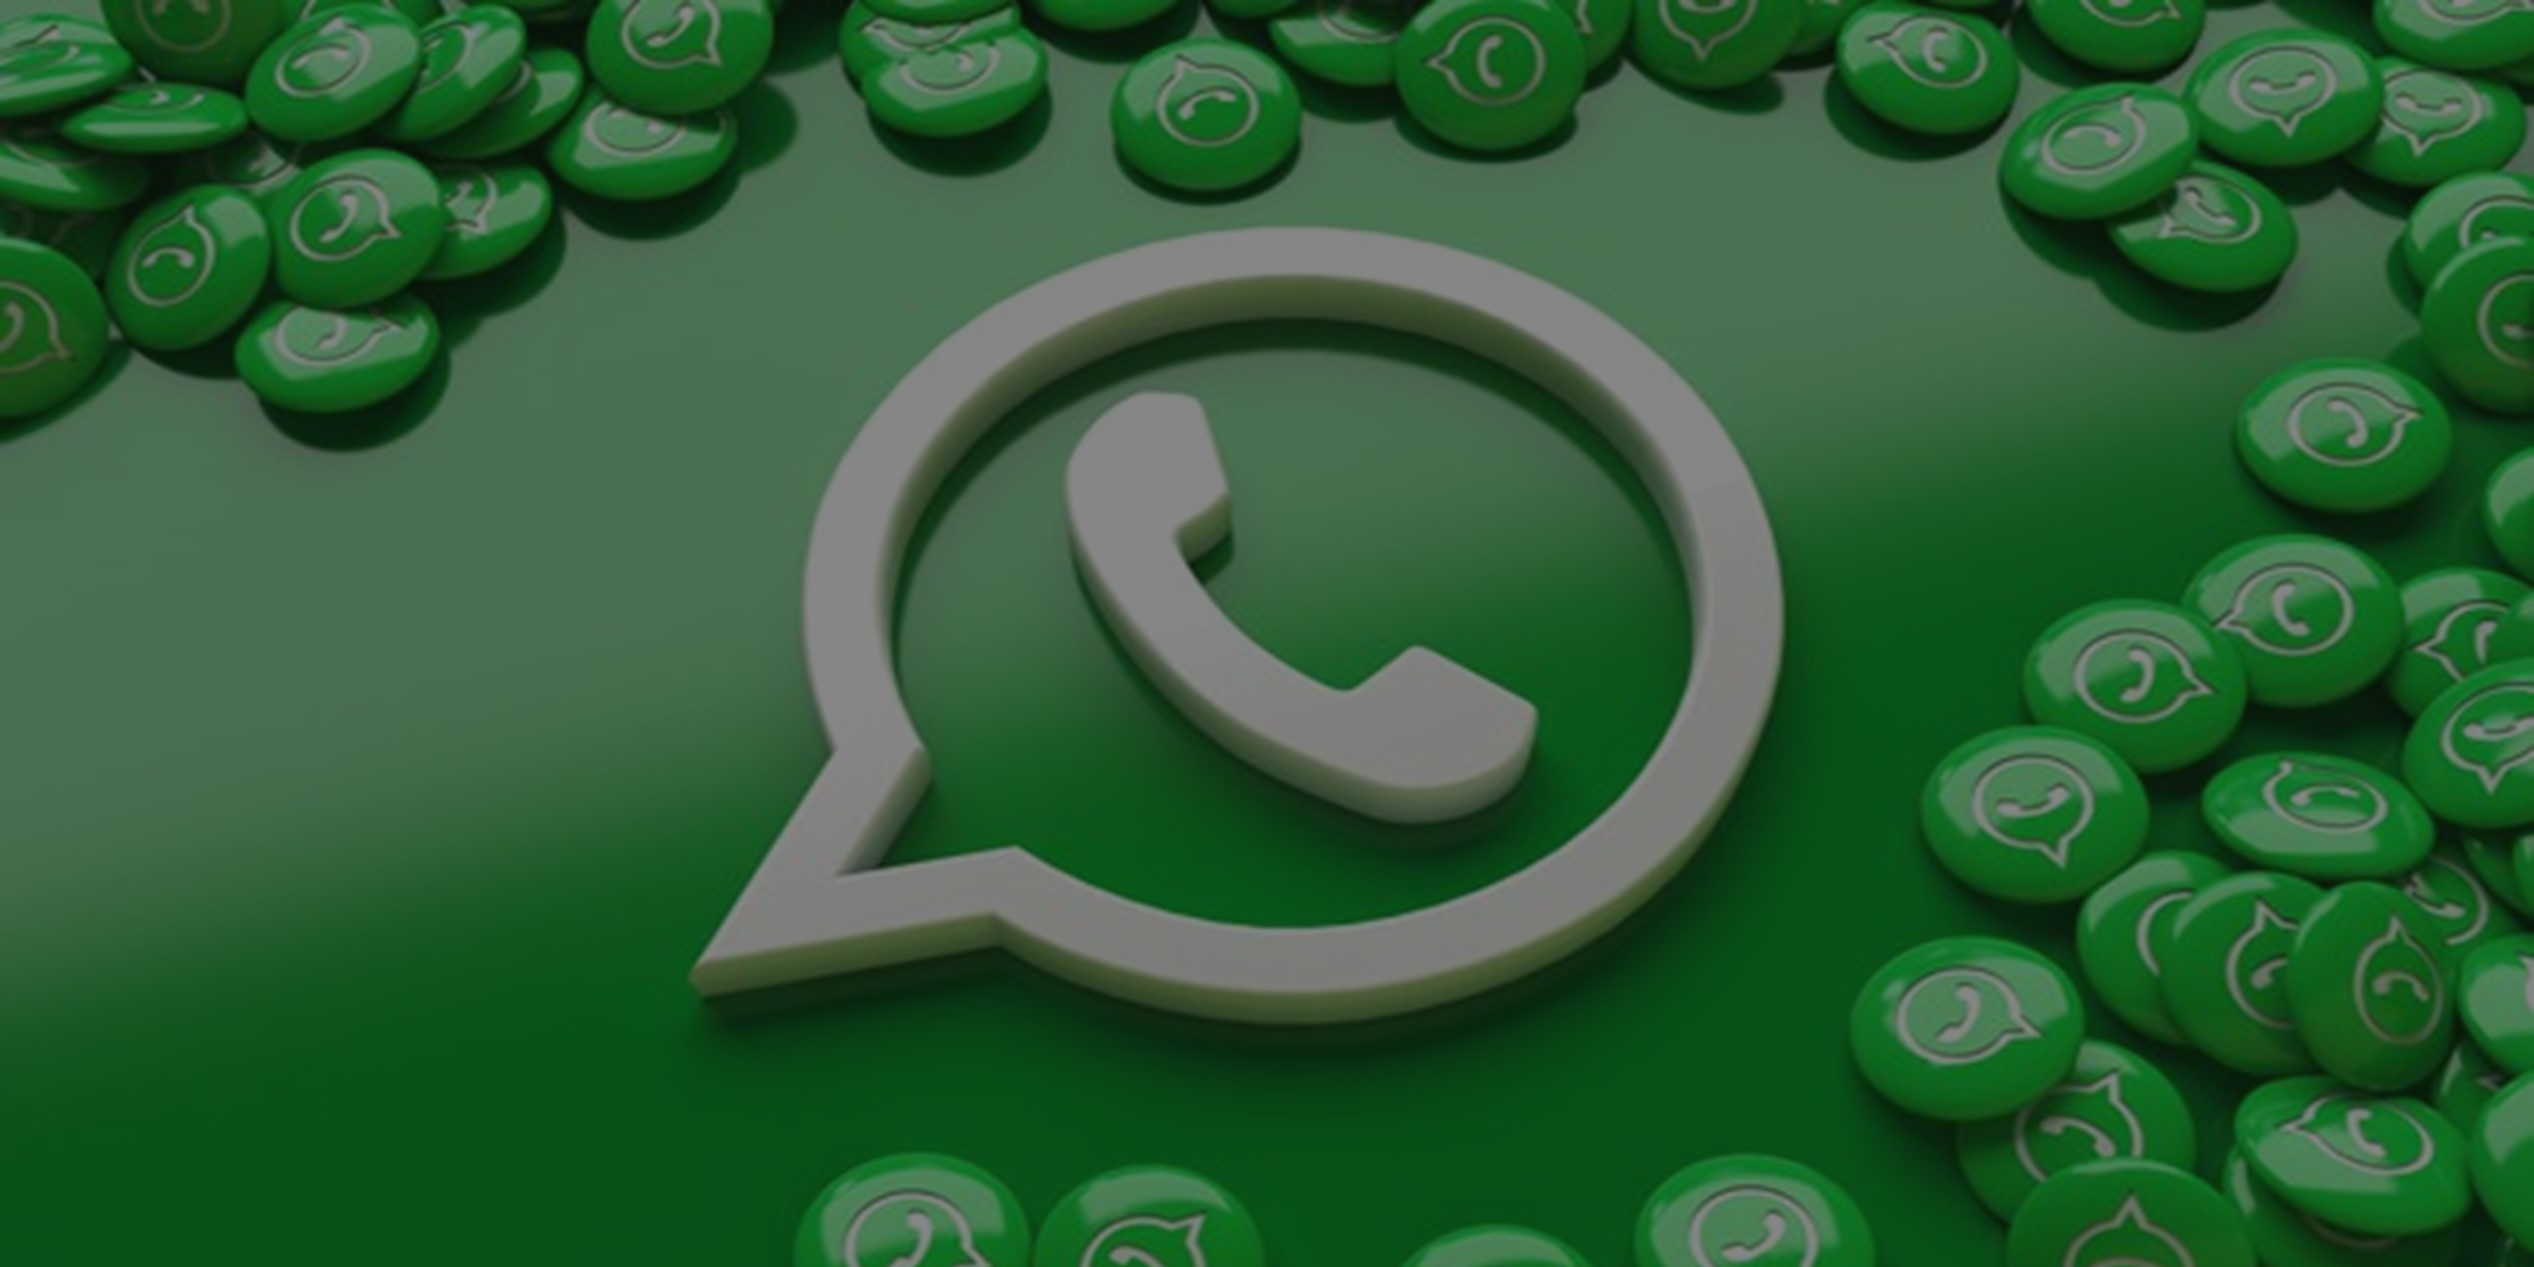 whatsapp-version-web-teletrabajo-llamadas-video-llamadas-desde-la-web-teletrabajo-lima-perú